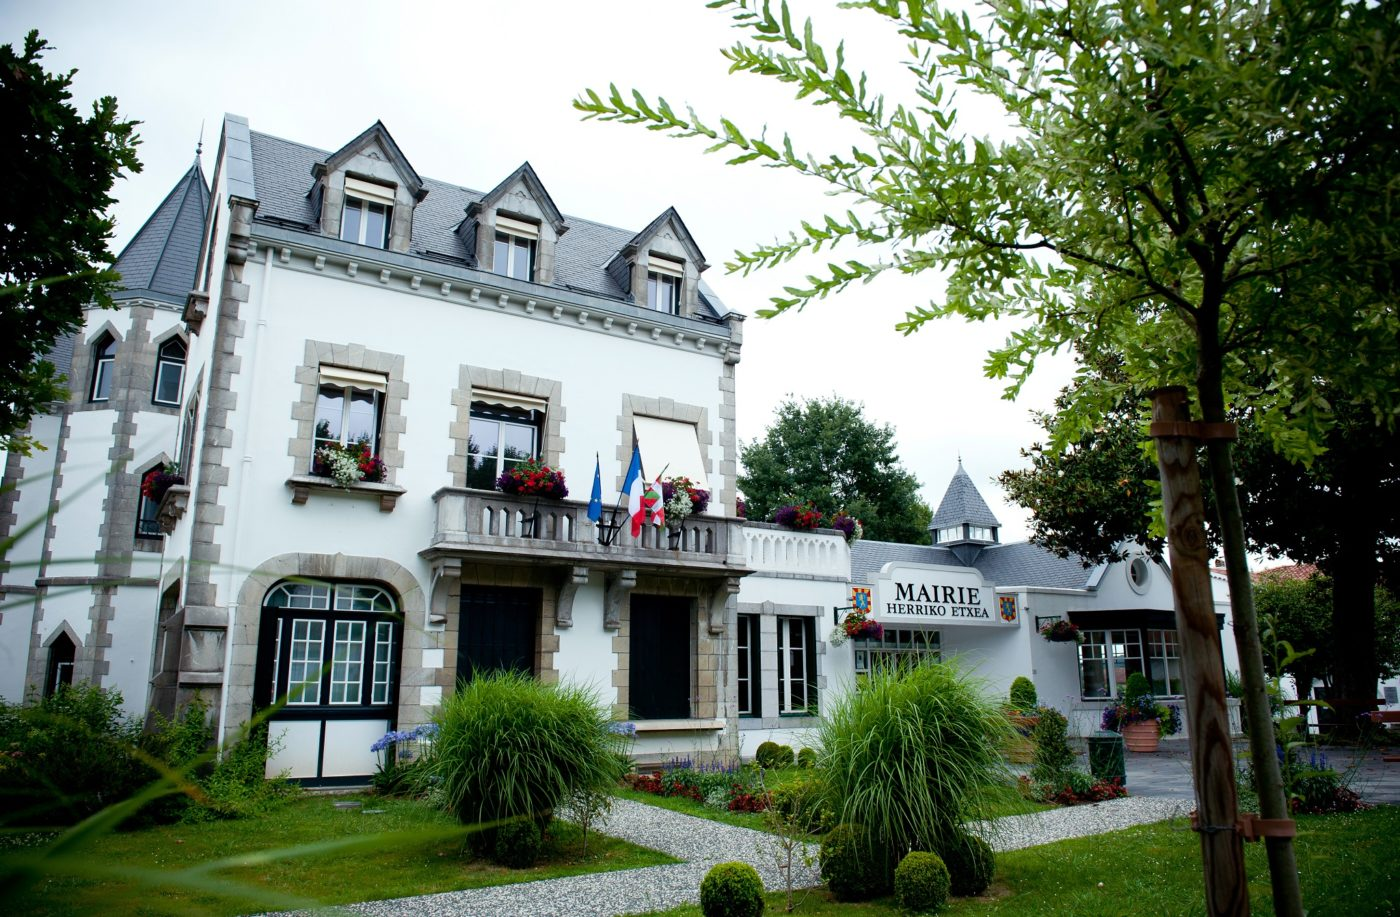 Mairie Kanbo 02 Alex Gaztelumendi2048